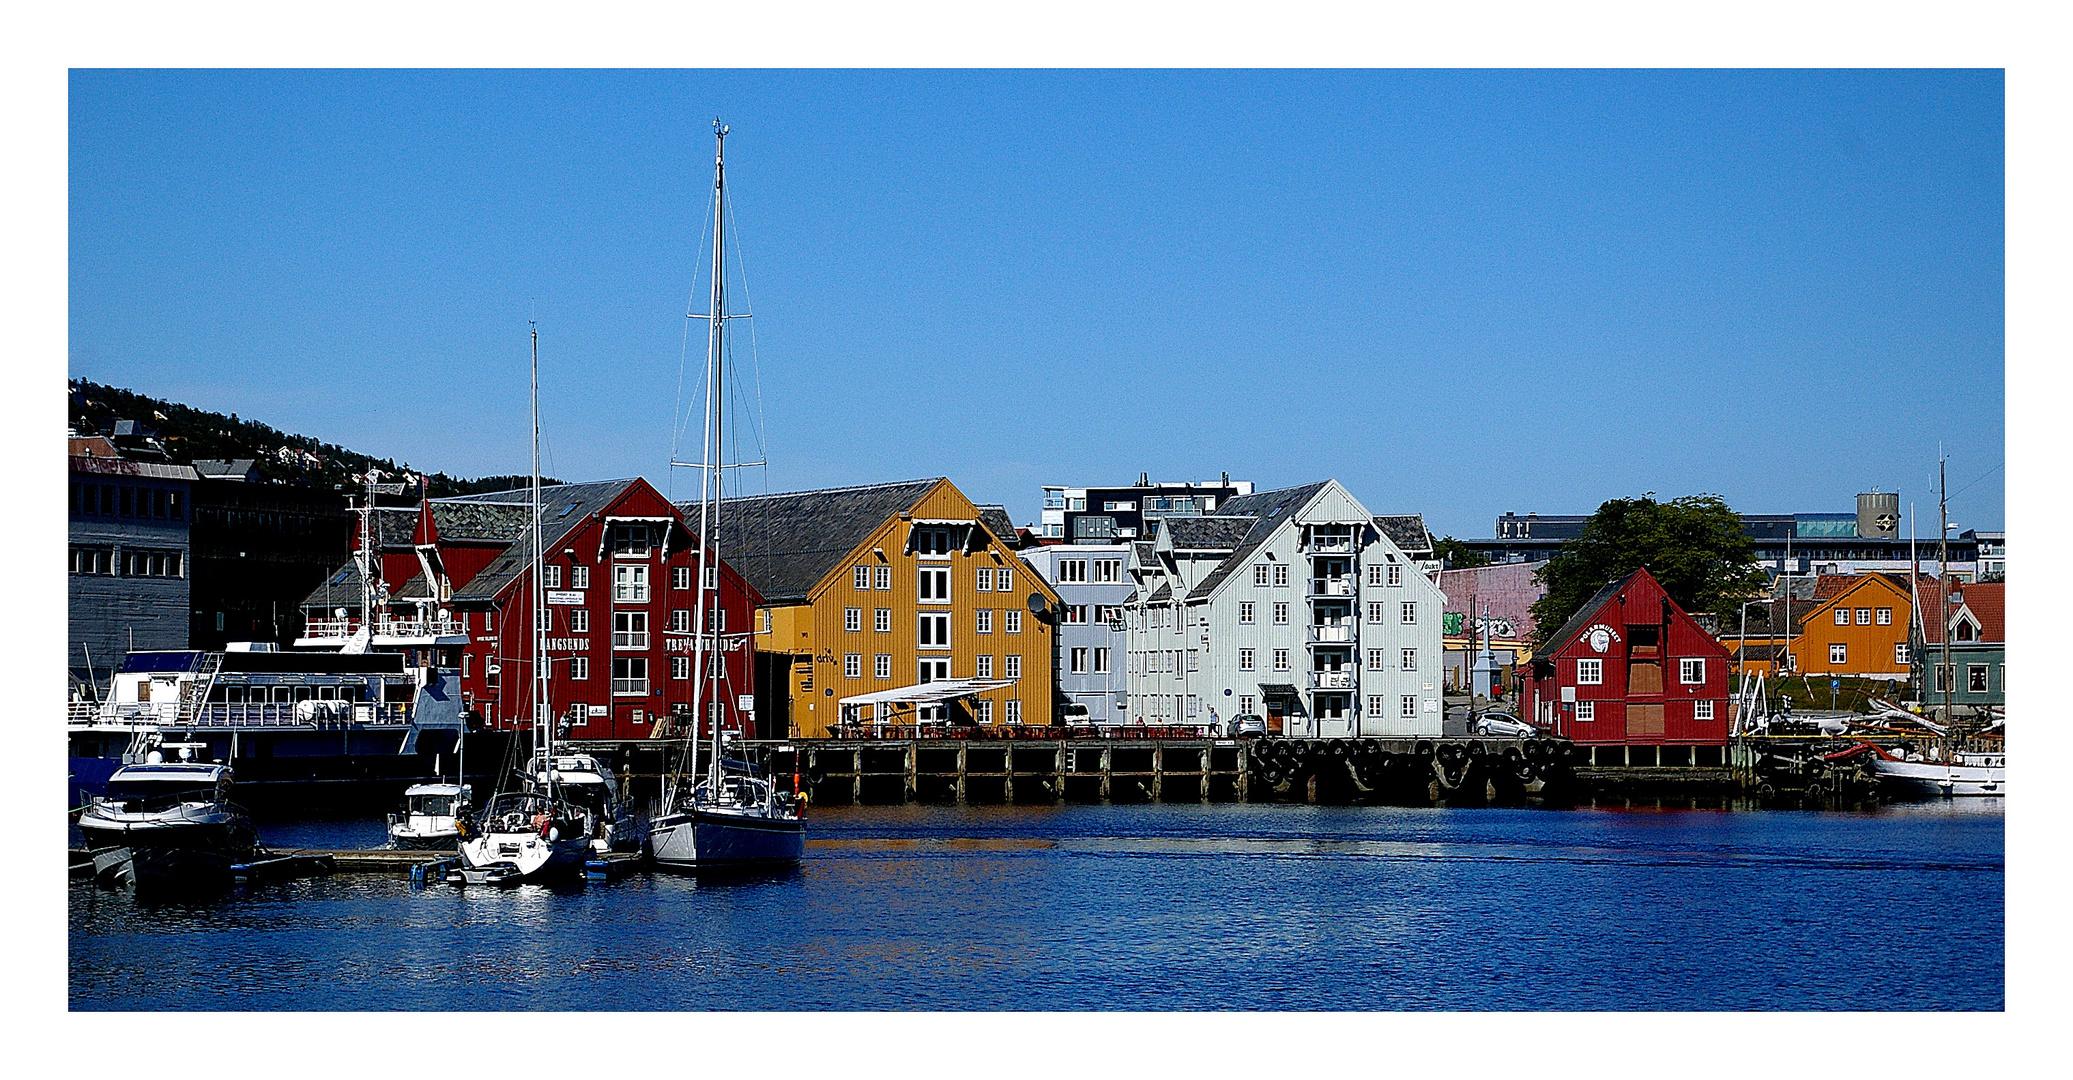 Tromsø- Blauer Himmel garantiert